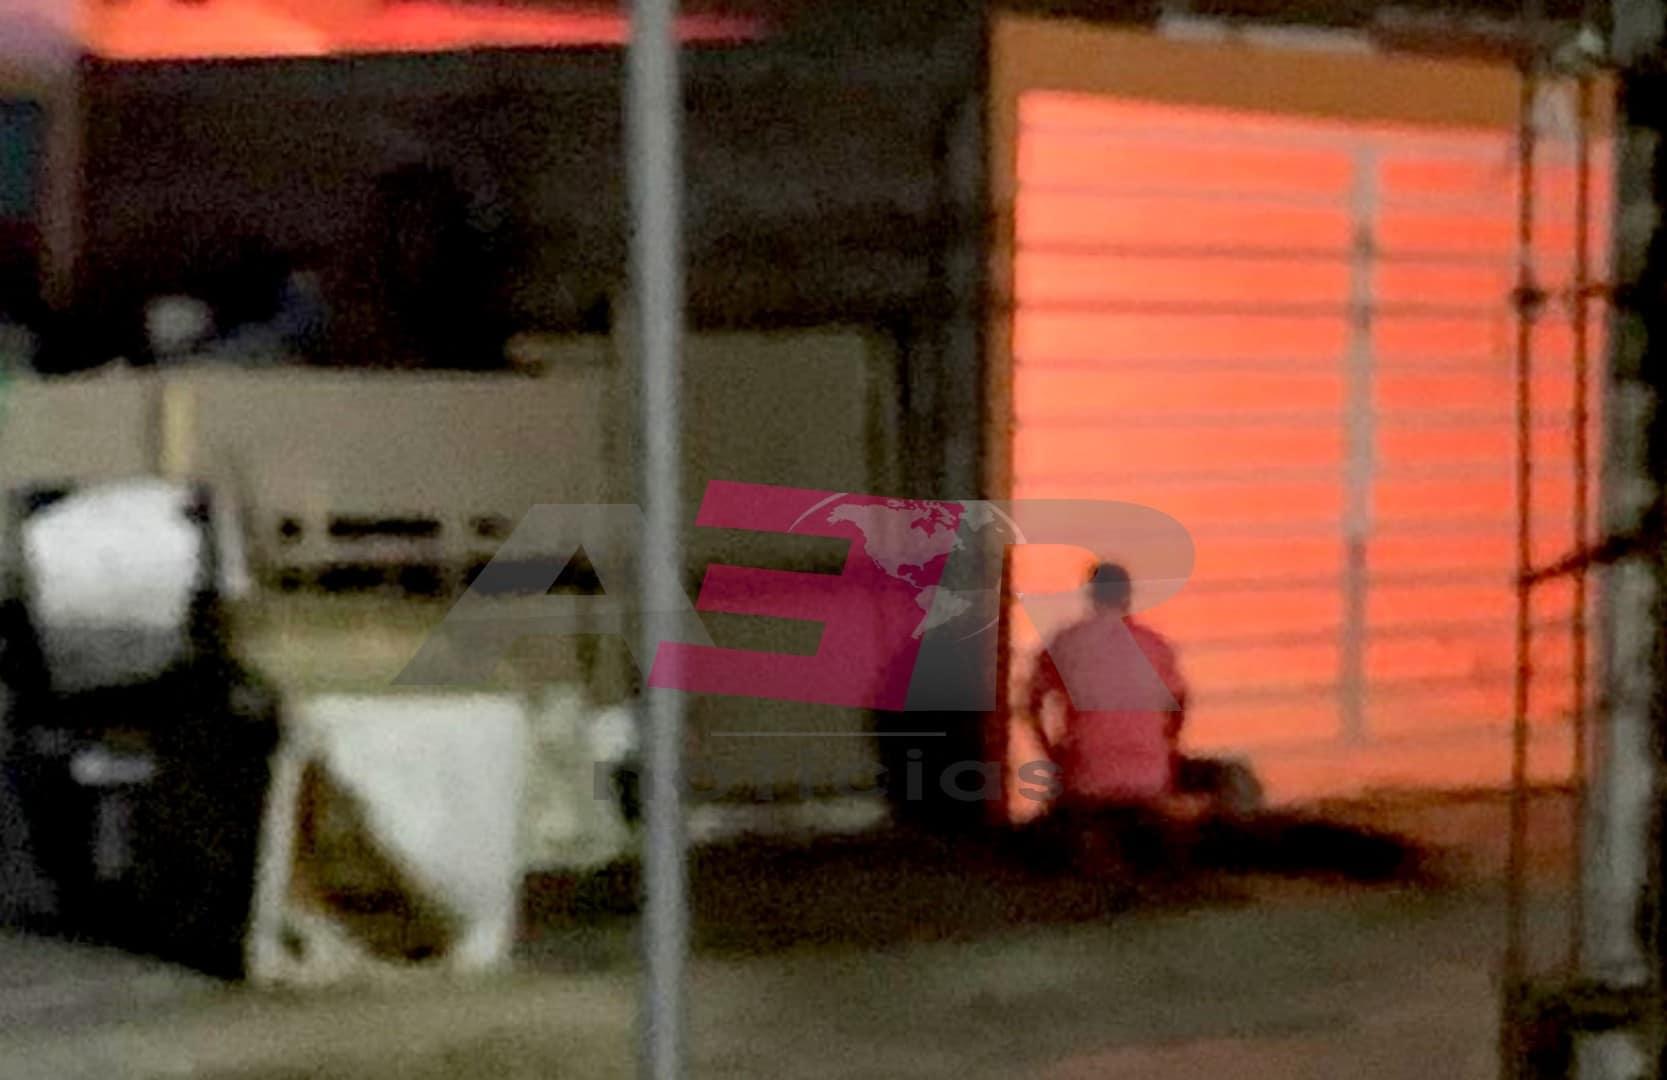 Confirma la FGE dos muertos y una menor grave tras balacera en Villas de San Cayetano. 4